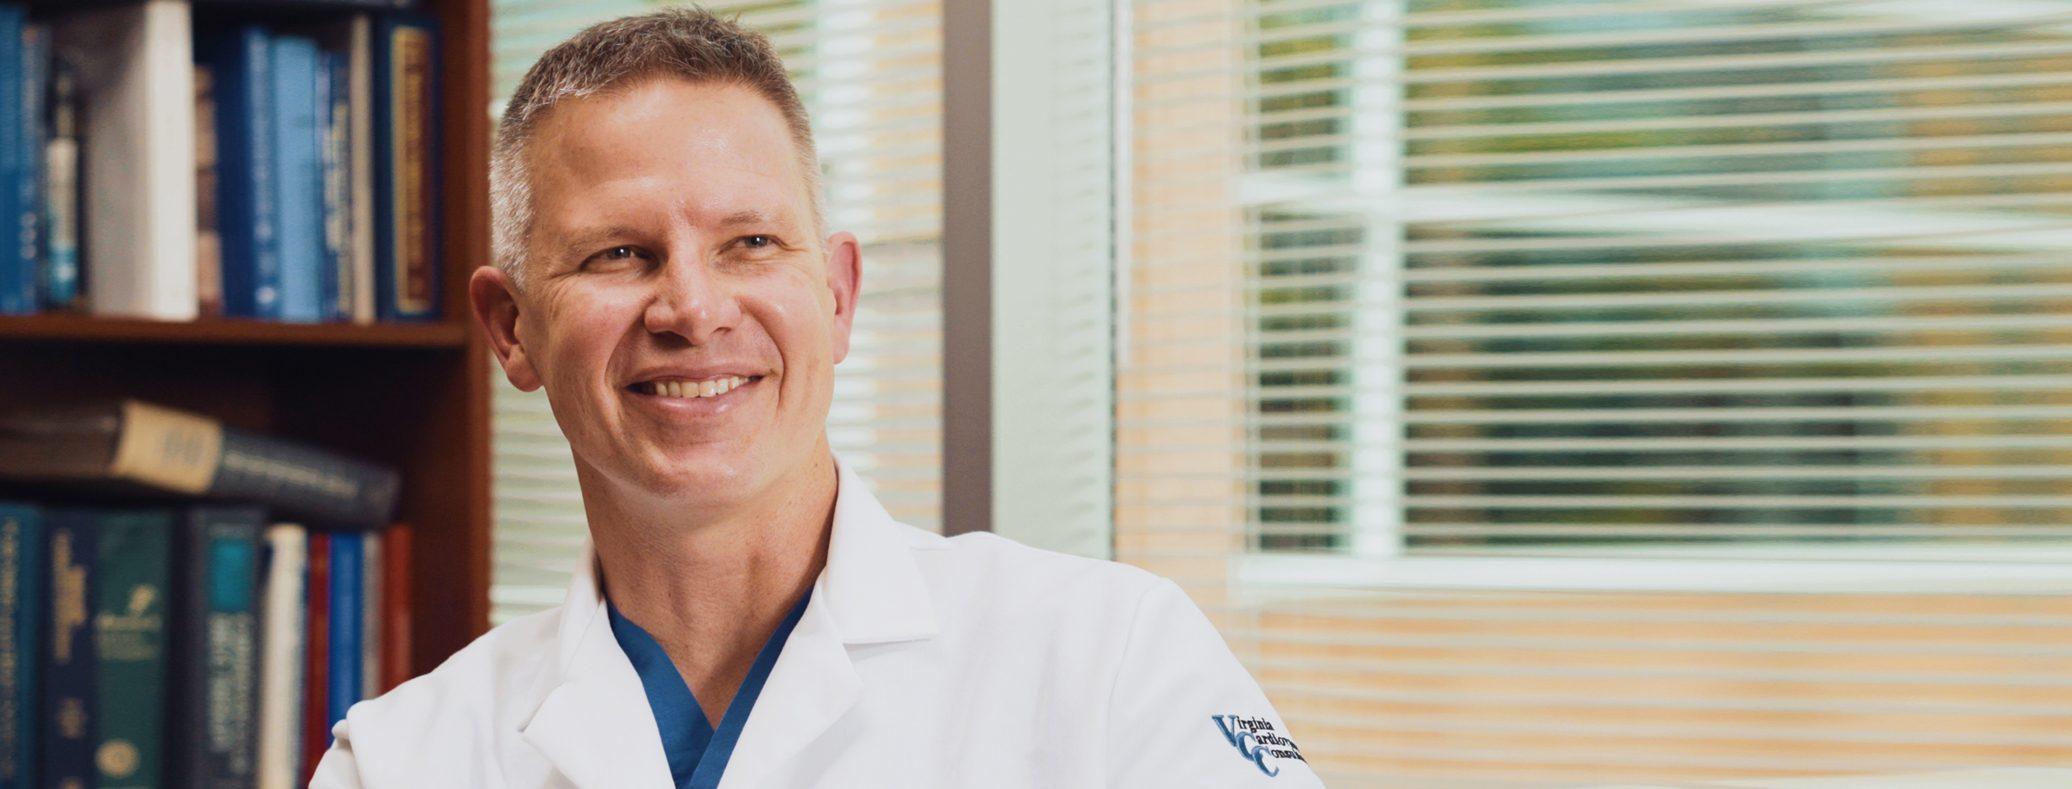 VCC - Dr. Carlson